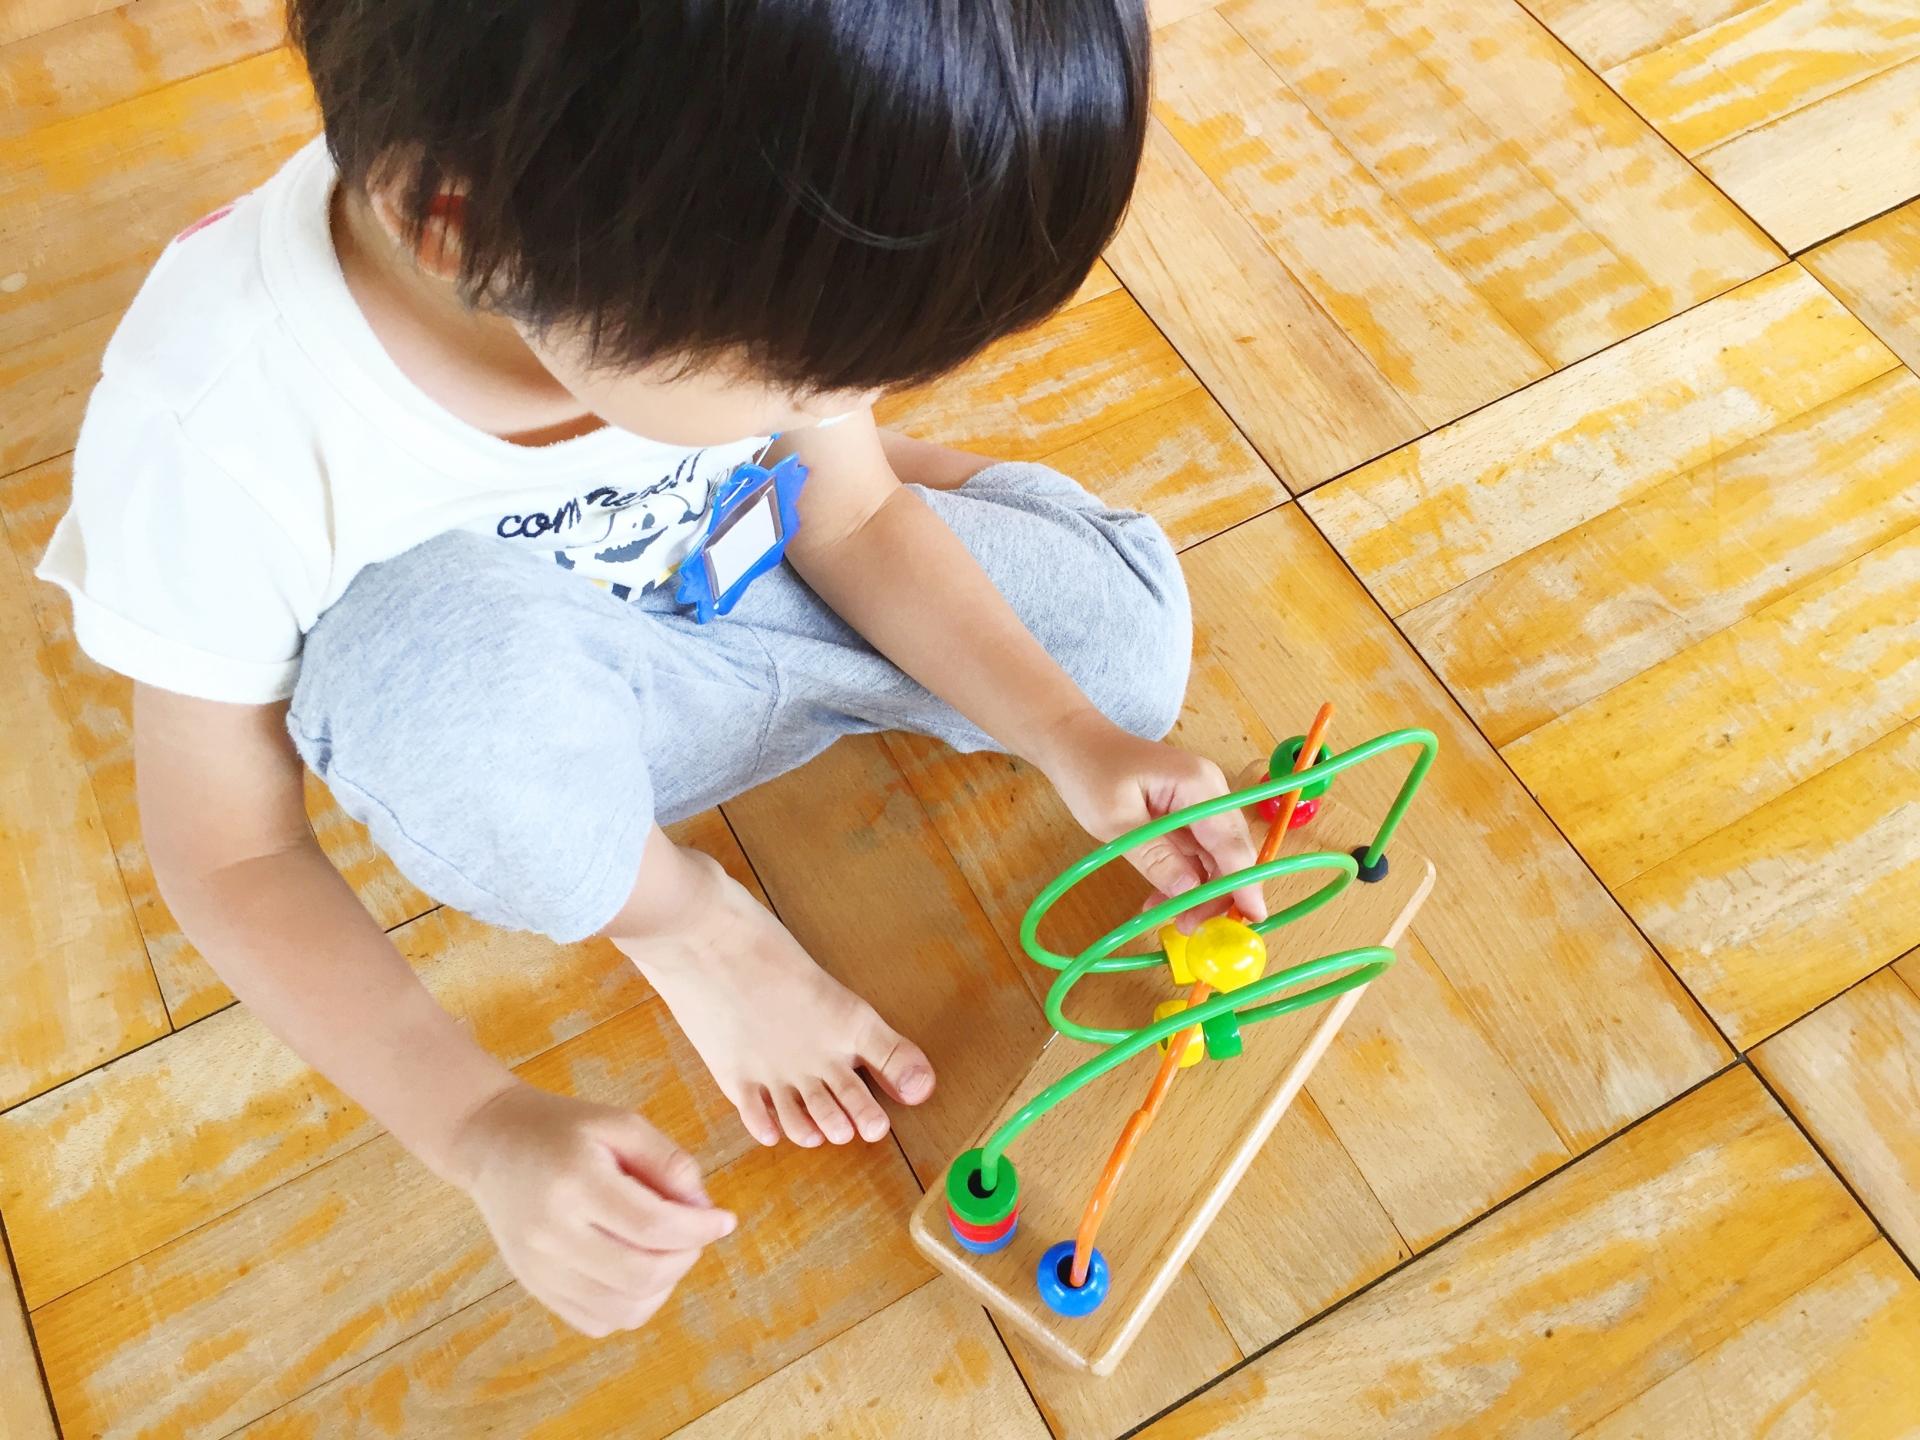 4歳におすすめの知育玩具とは。ランキング形式で人気のおもちゃを紹介!